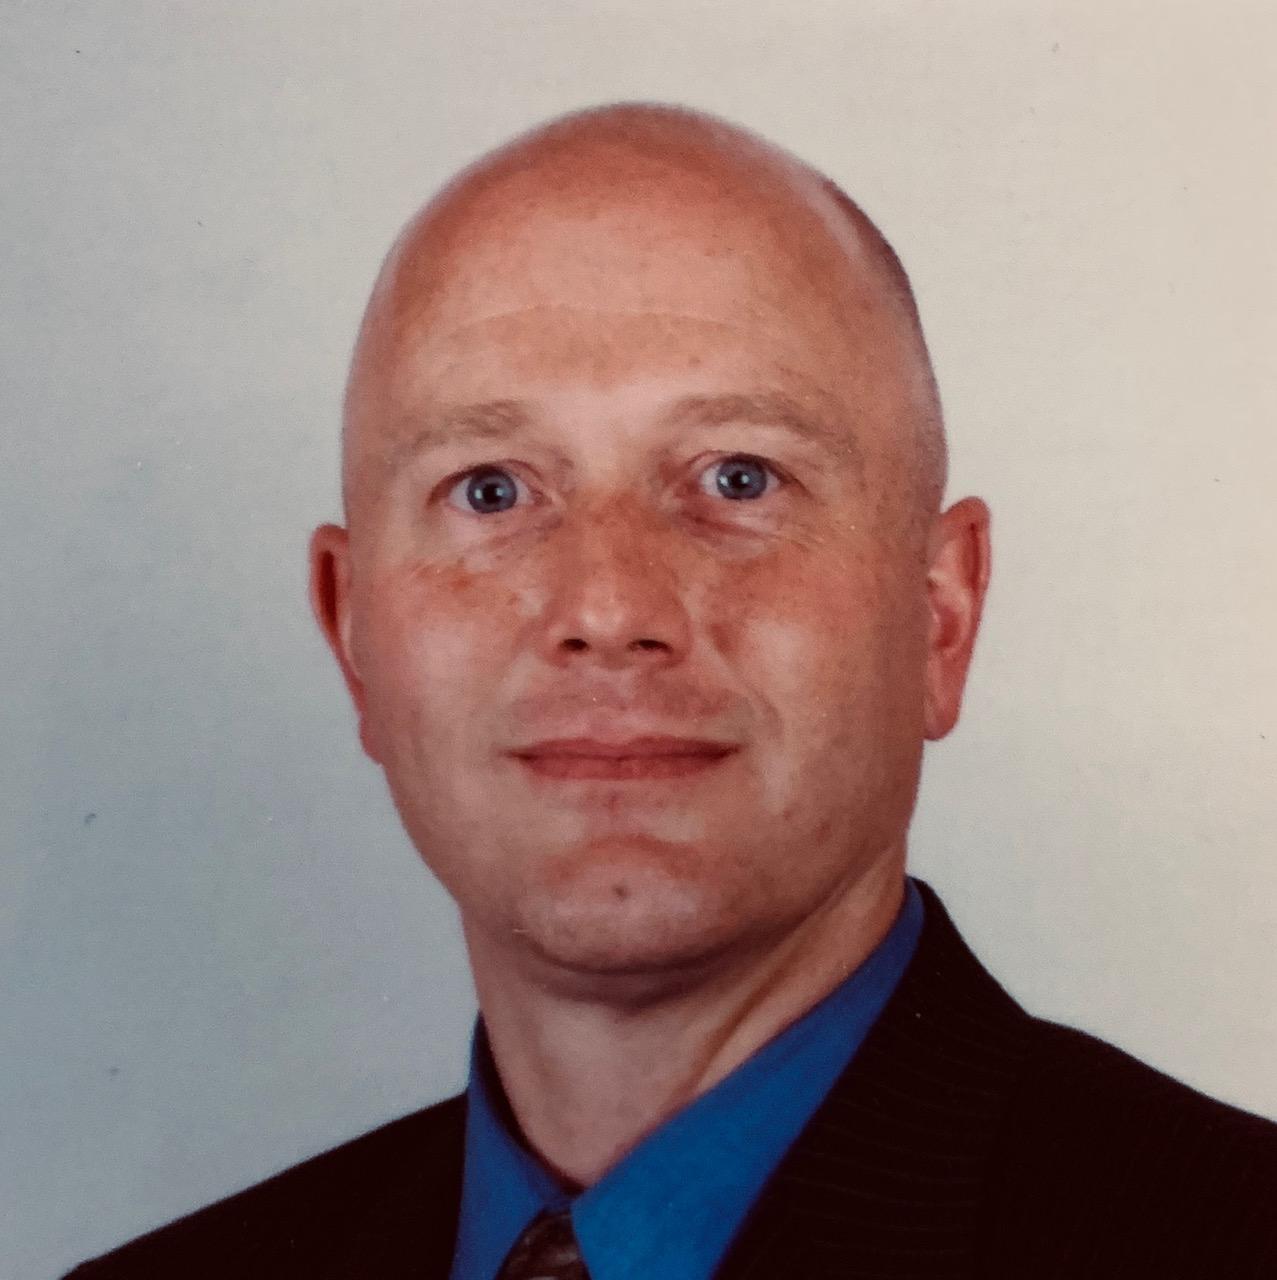 D/Sgt. Jeff Hoffman